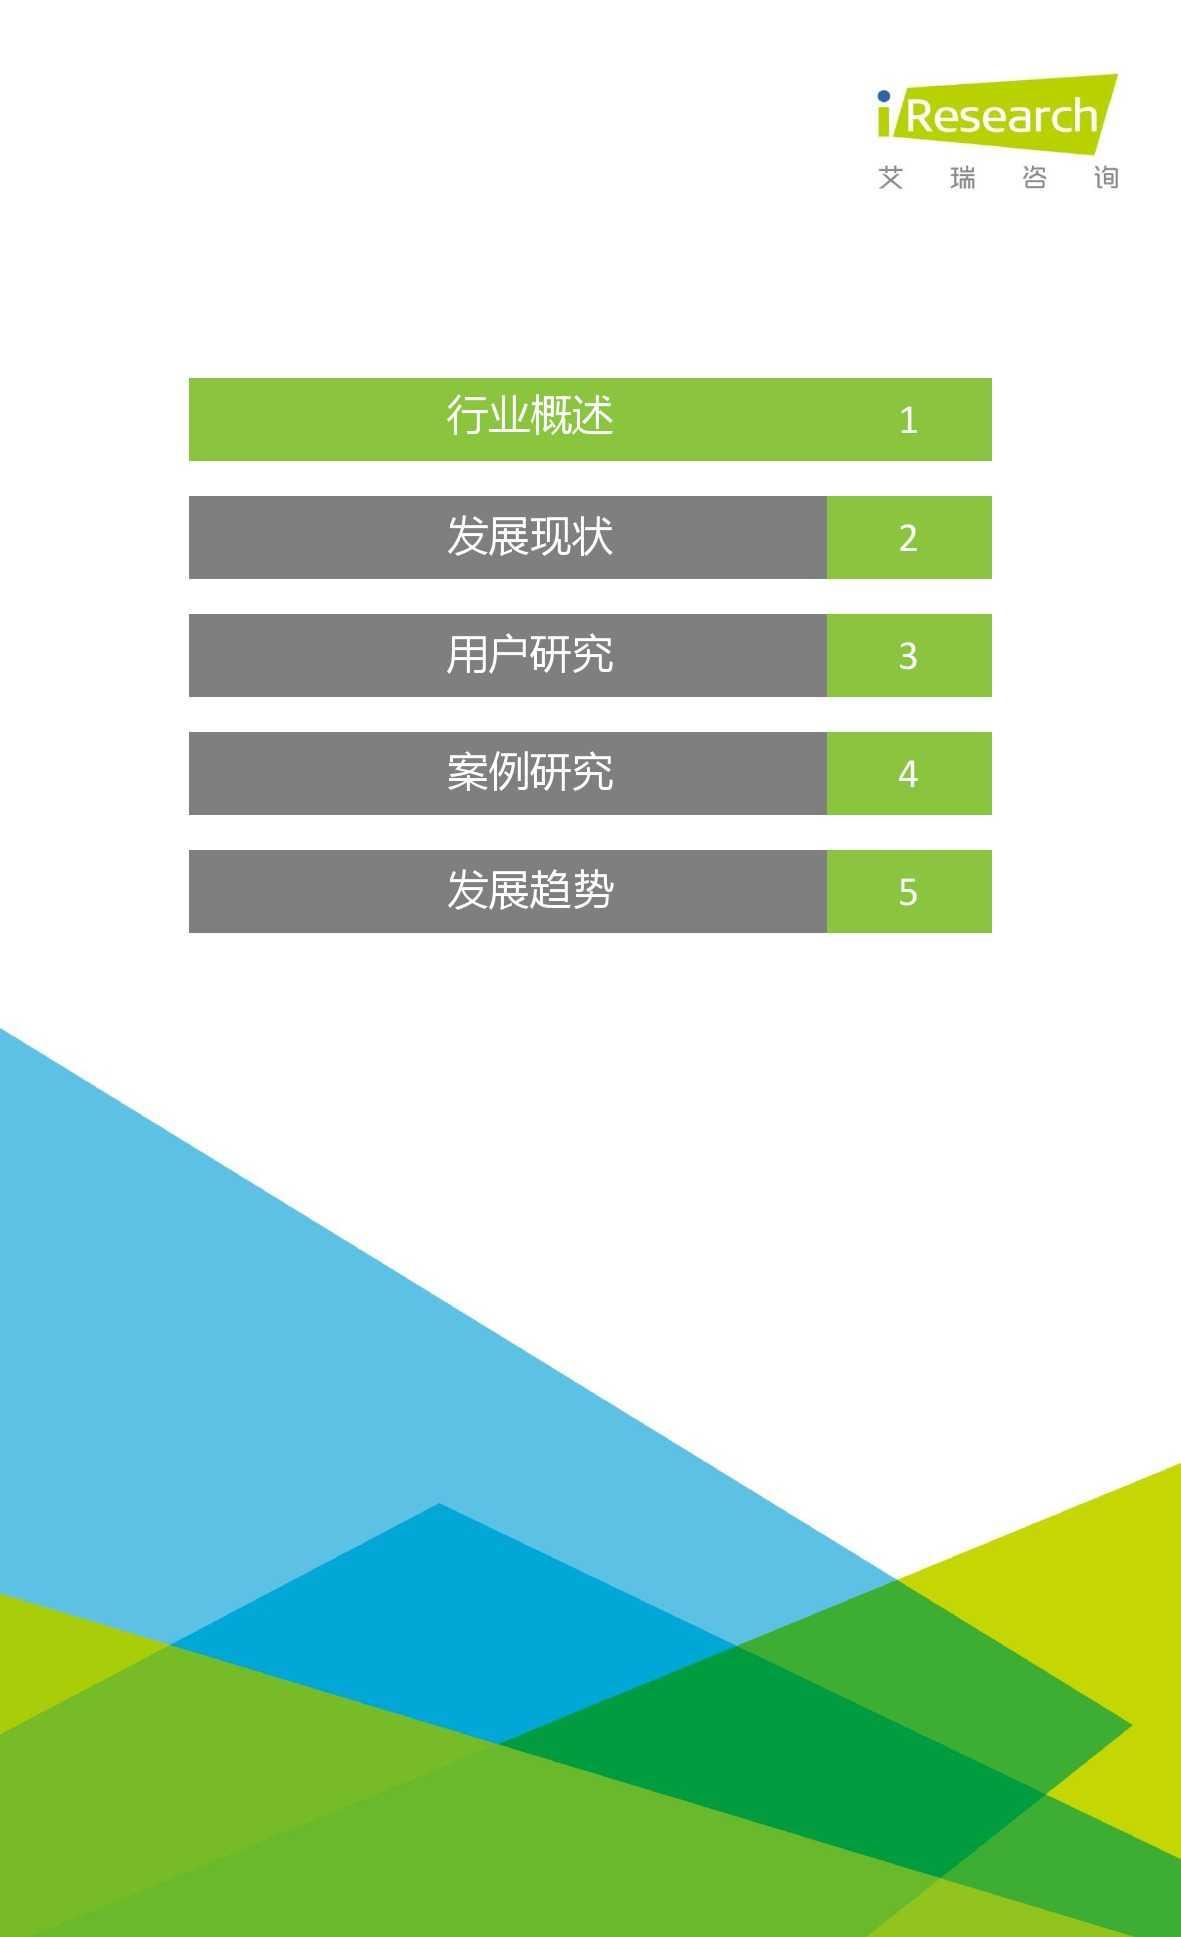 2015年中国生活理财移动App行业研究报告_000002